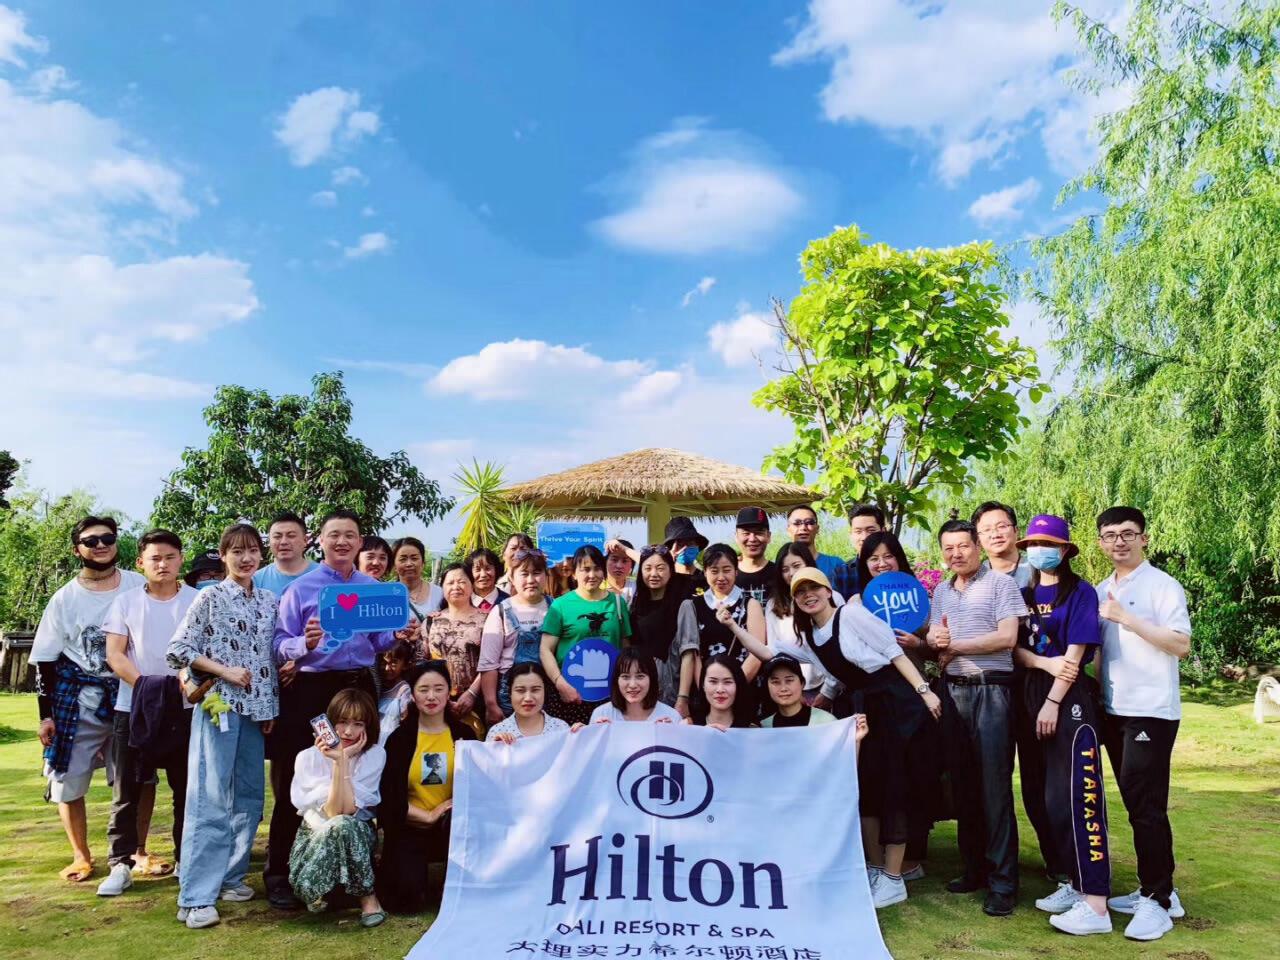 2020年大理实力希尔顿酒店市场营销部门户外团队拓展团建活动